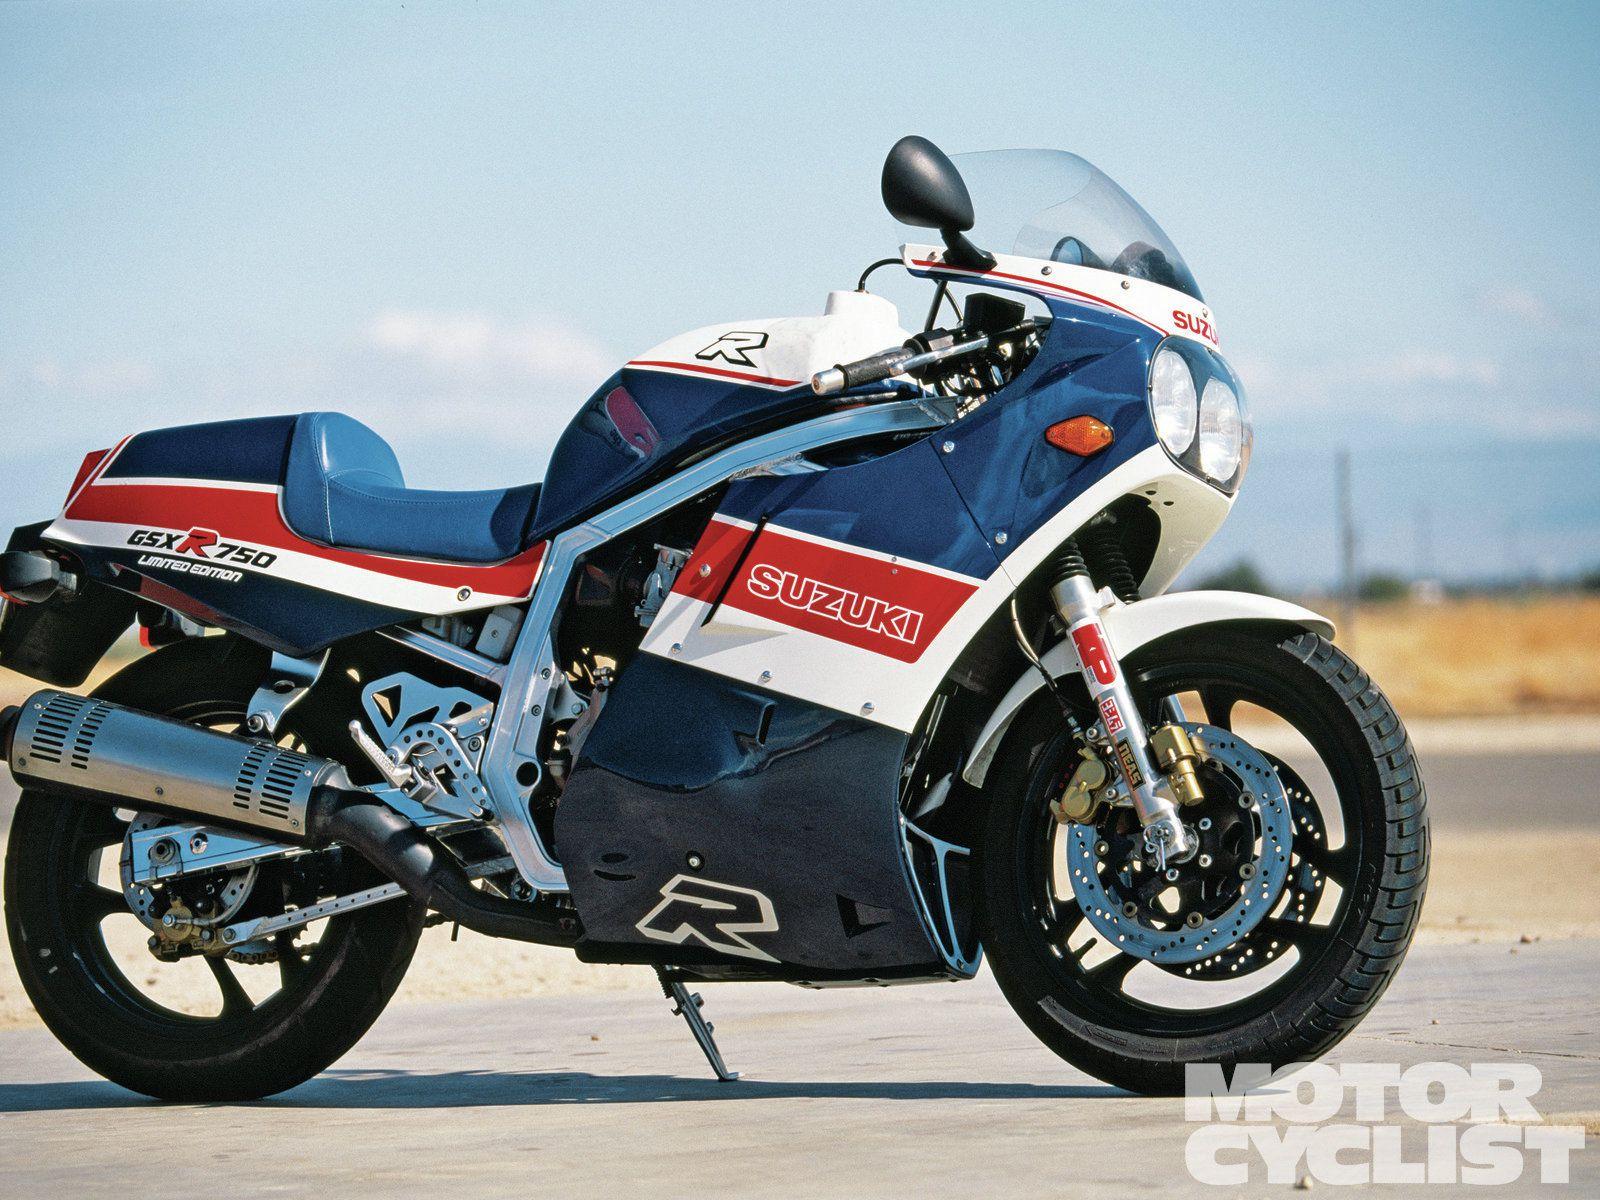 1986 Suzuki GSX-R750 Limited | Motorcyclist